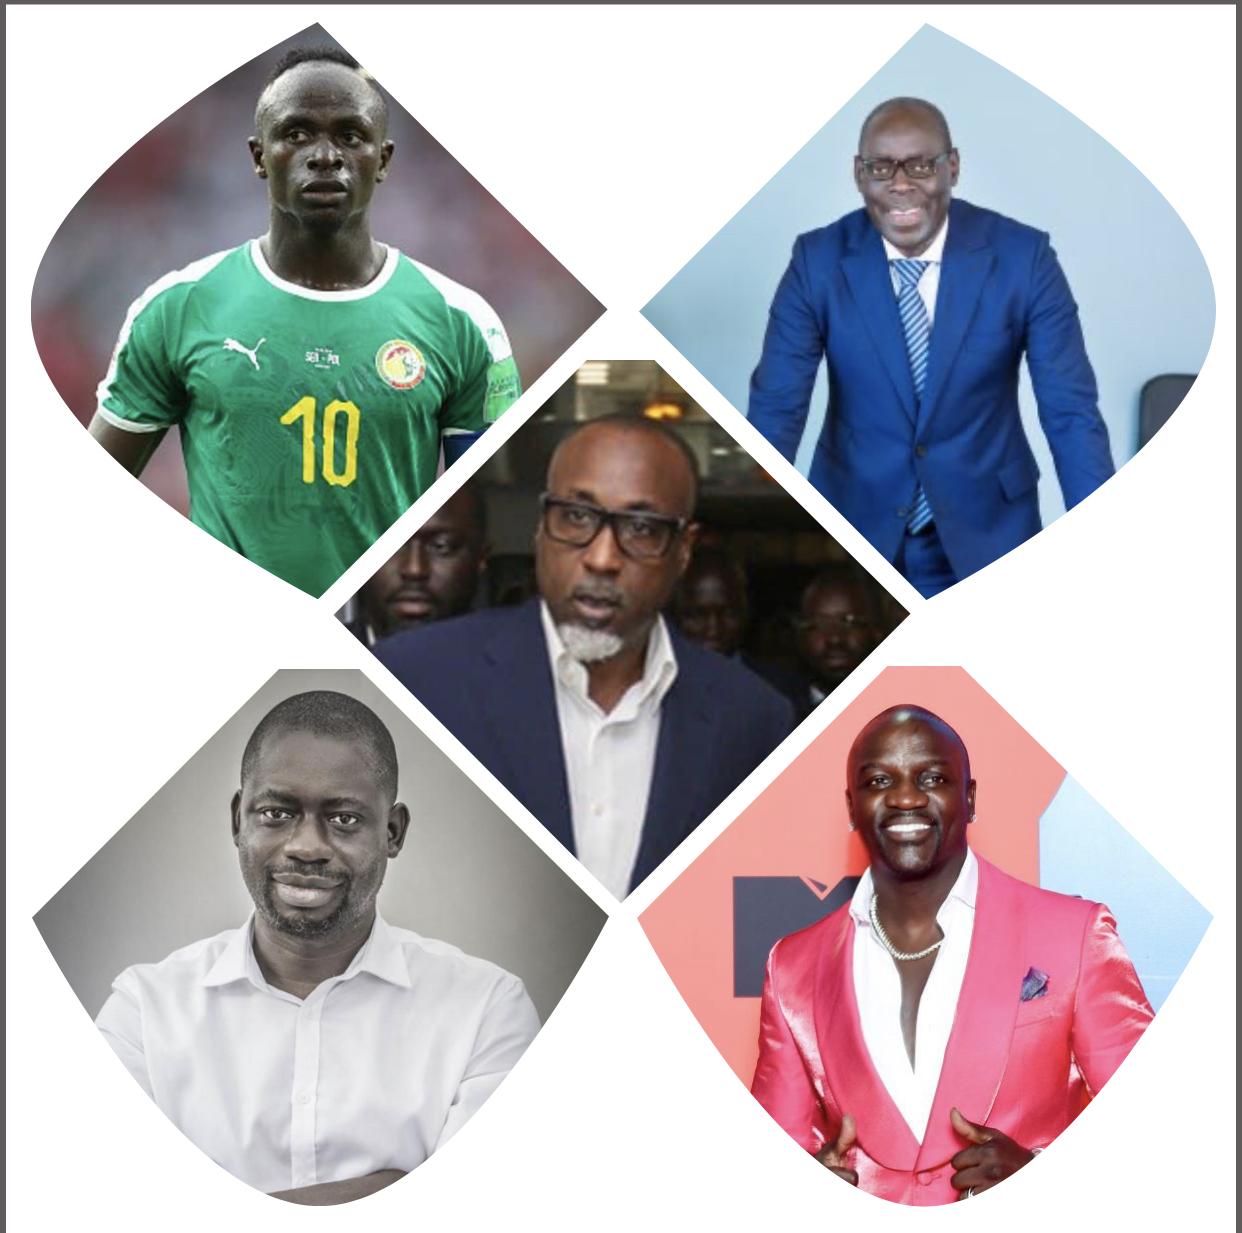 Akon, Sadio Mané, Alioune Ndiaye, Felwine Sarr et Yérim Sow parmi les 100 africains influents dans le monde.